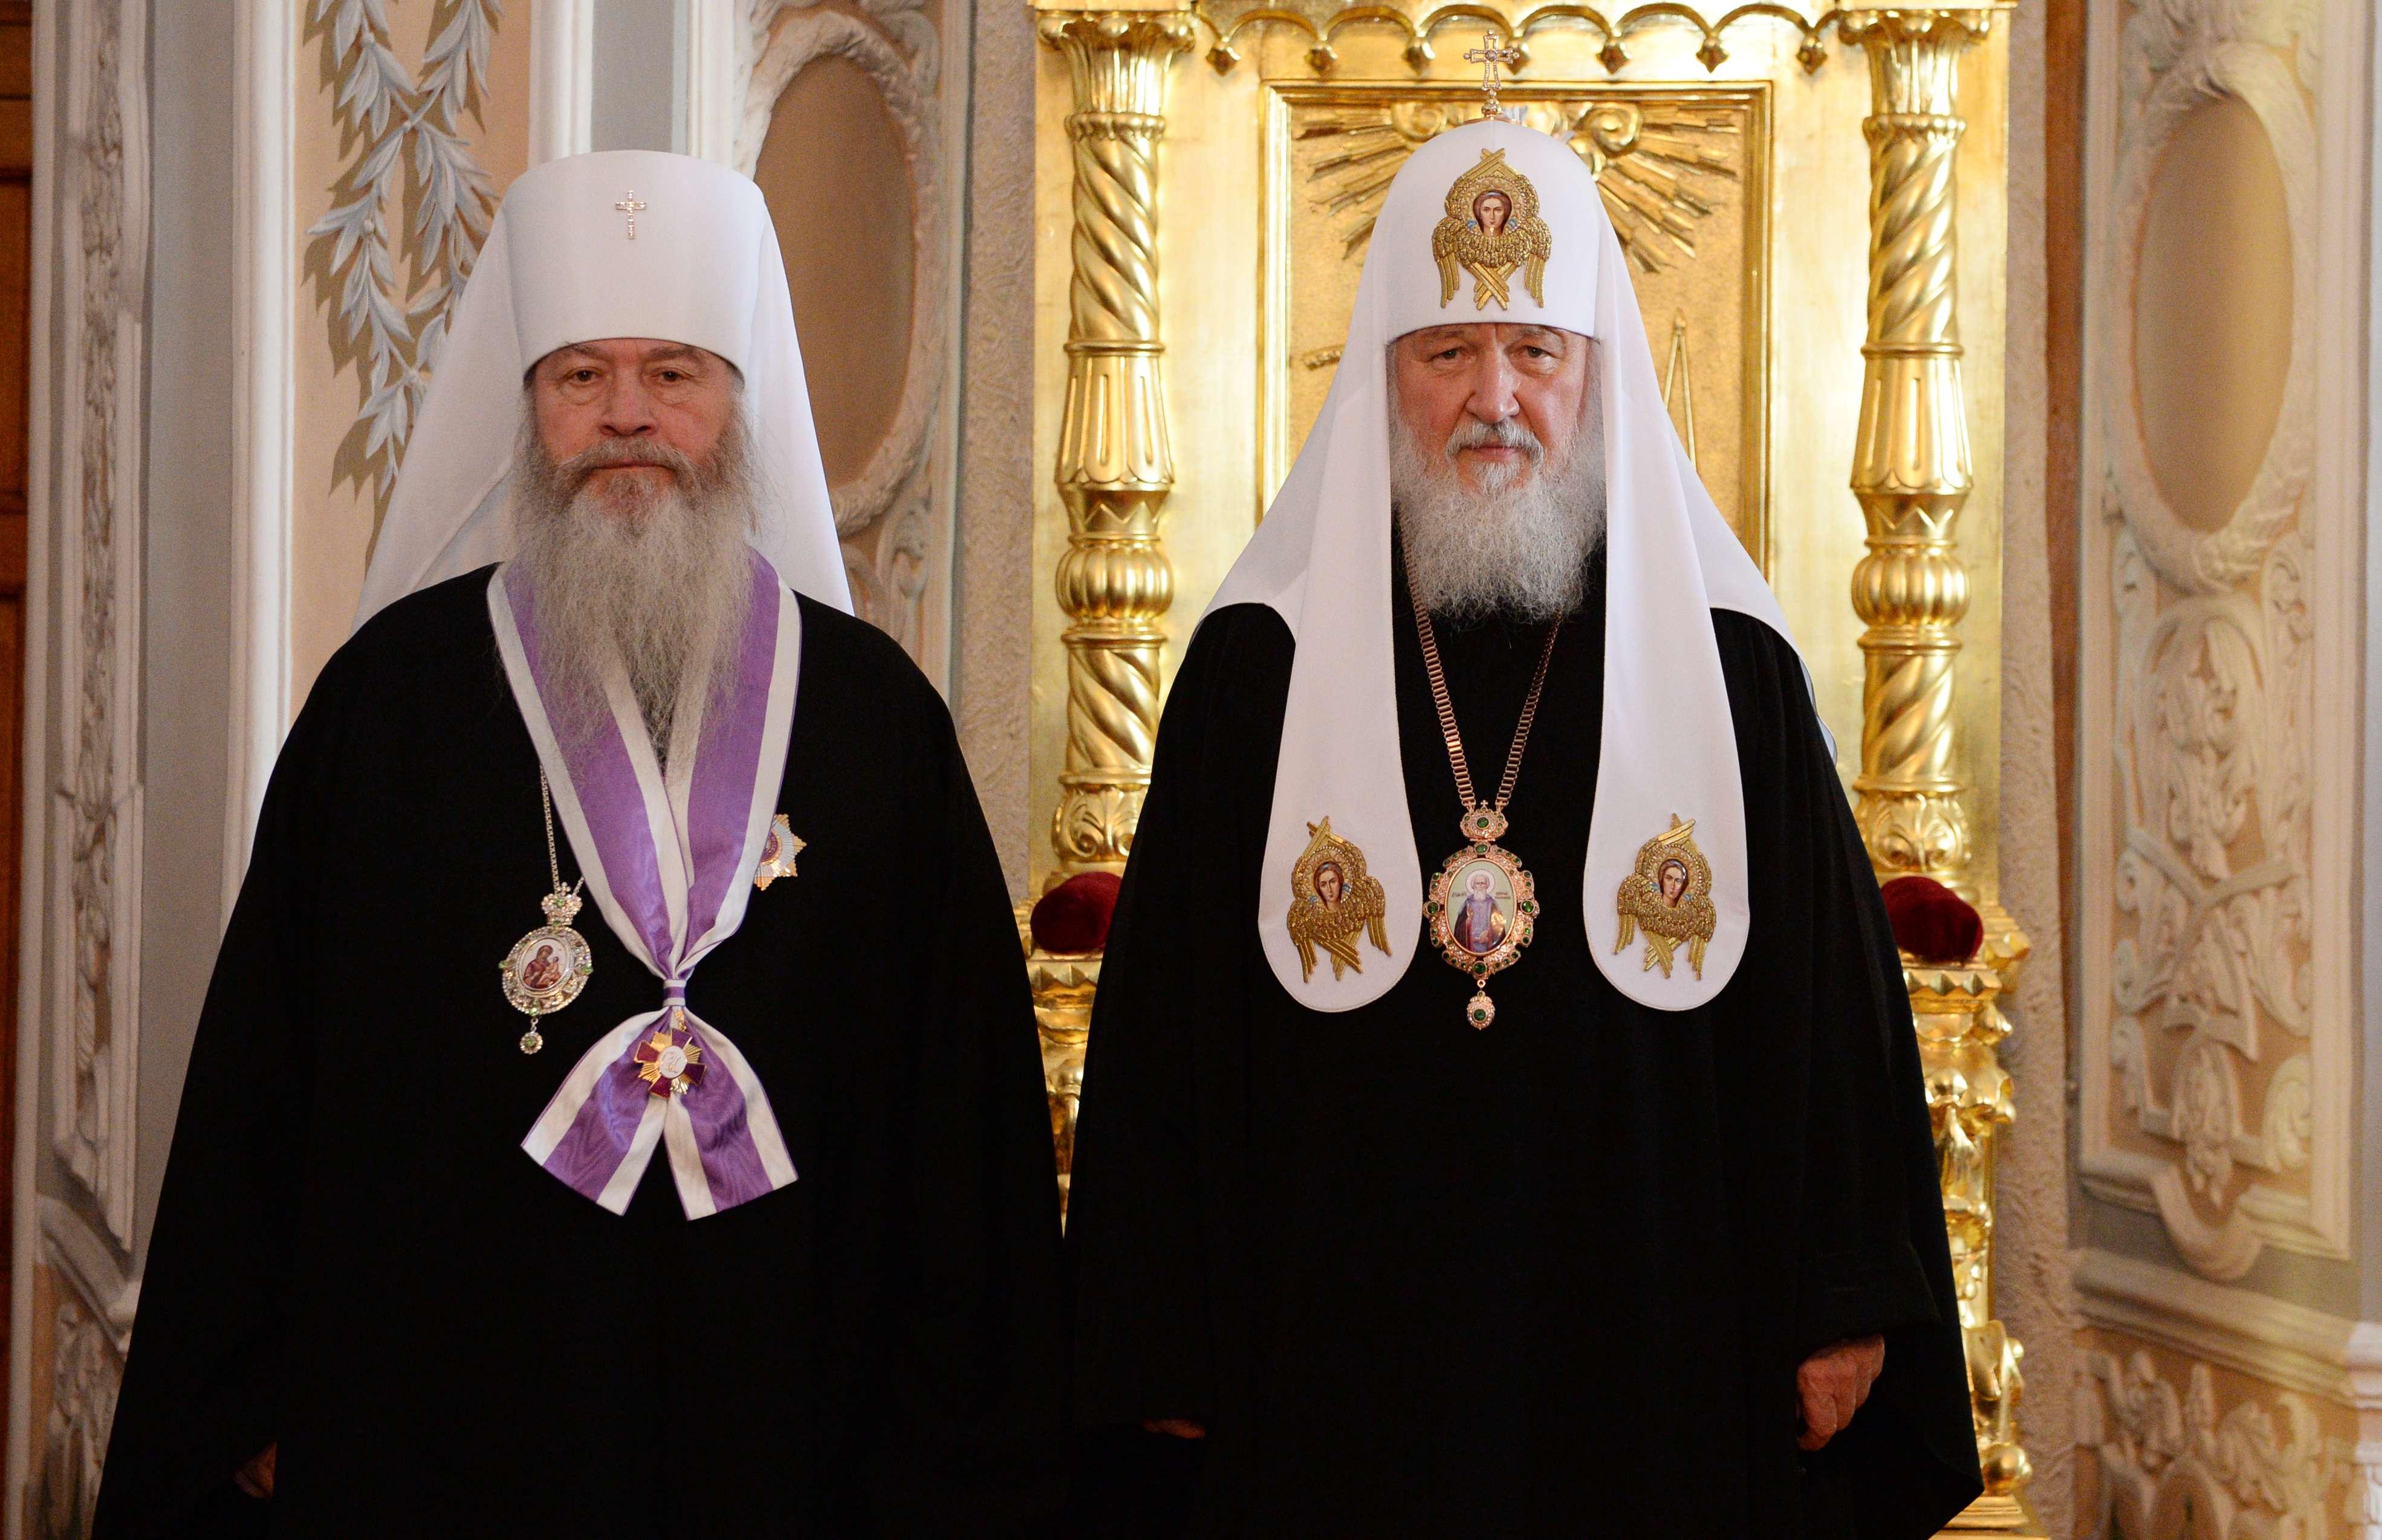 Патриарх Кирилл вручил Митрополиту Тихону орден святителя Иннокентия Московского I степени